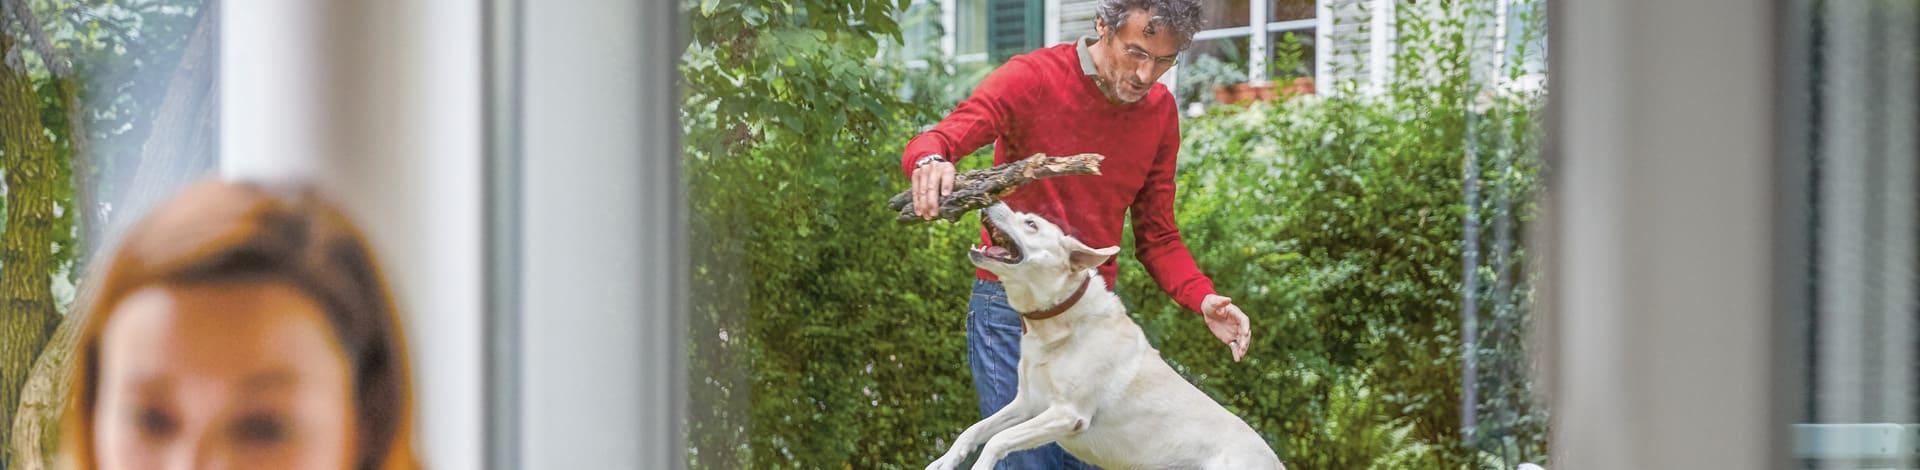 Assicurazione animali da compagnia copertura ottimale per for Assicurazione domestica